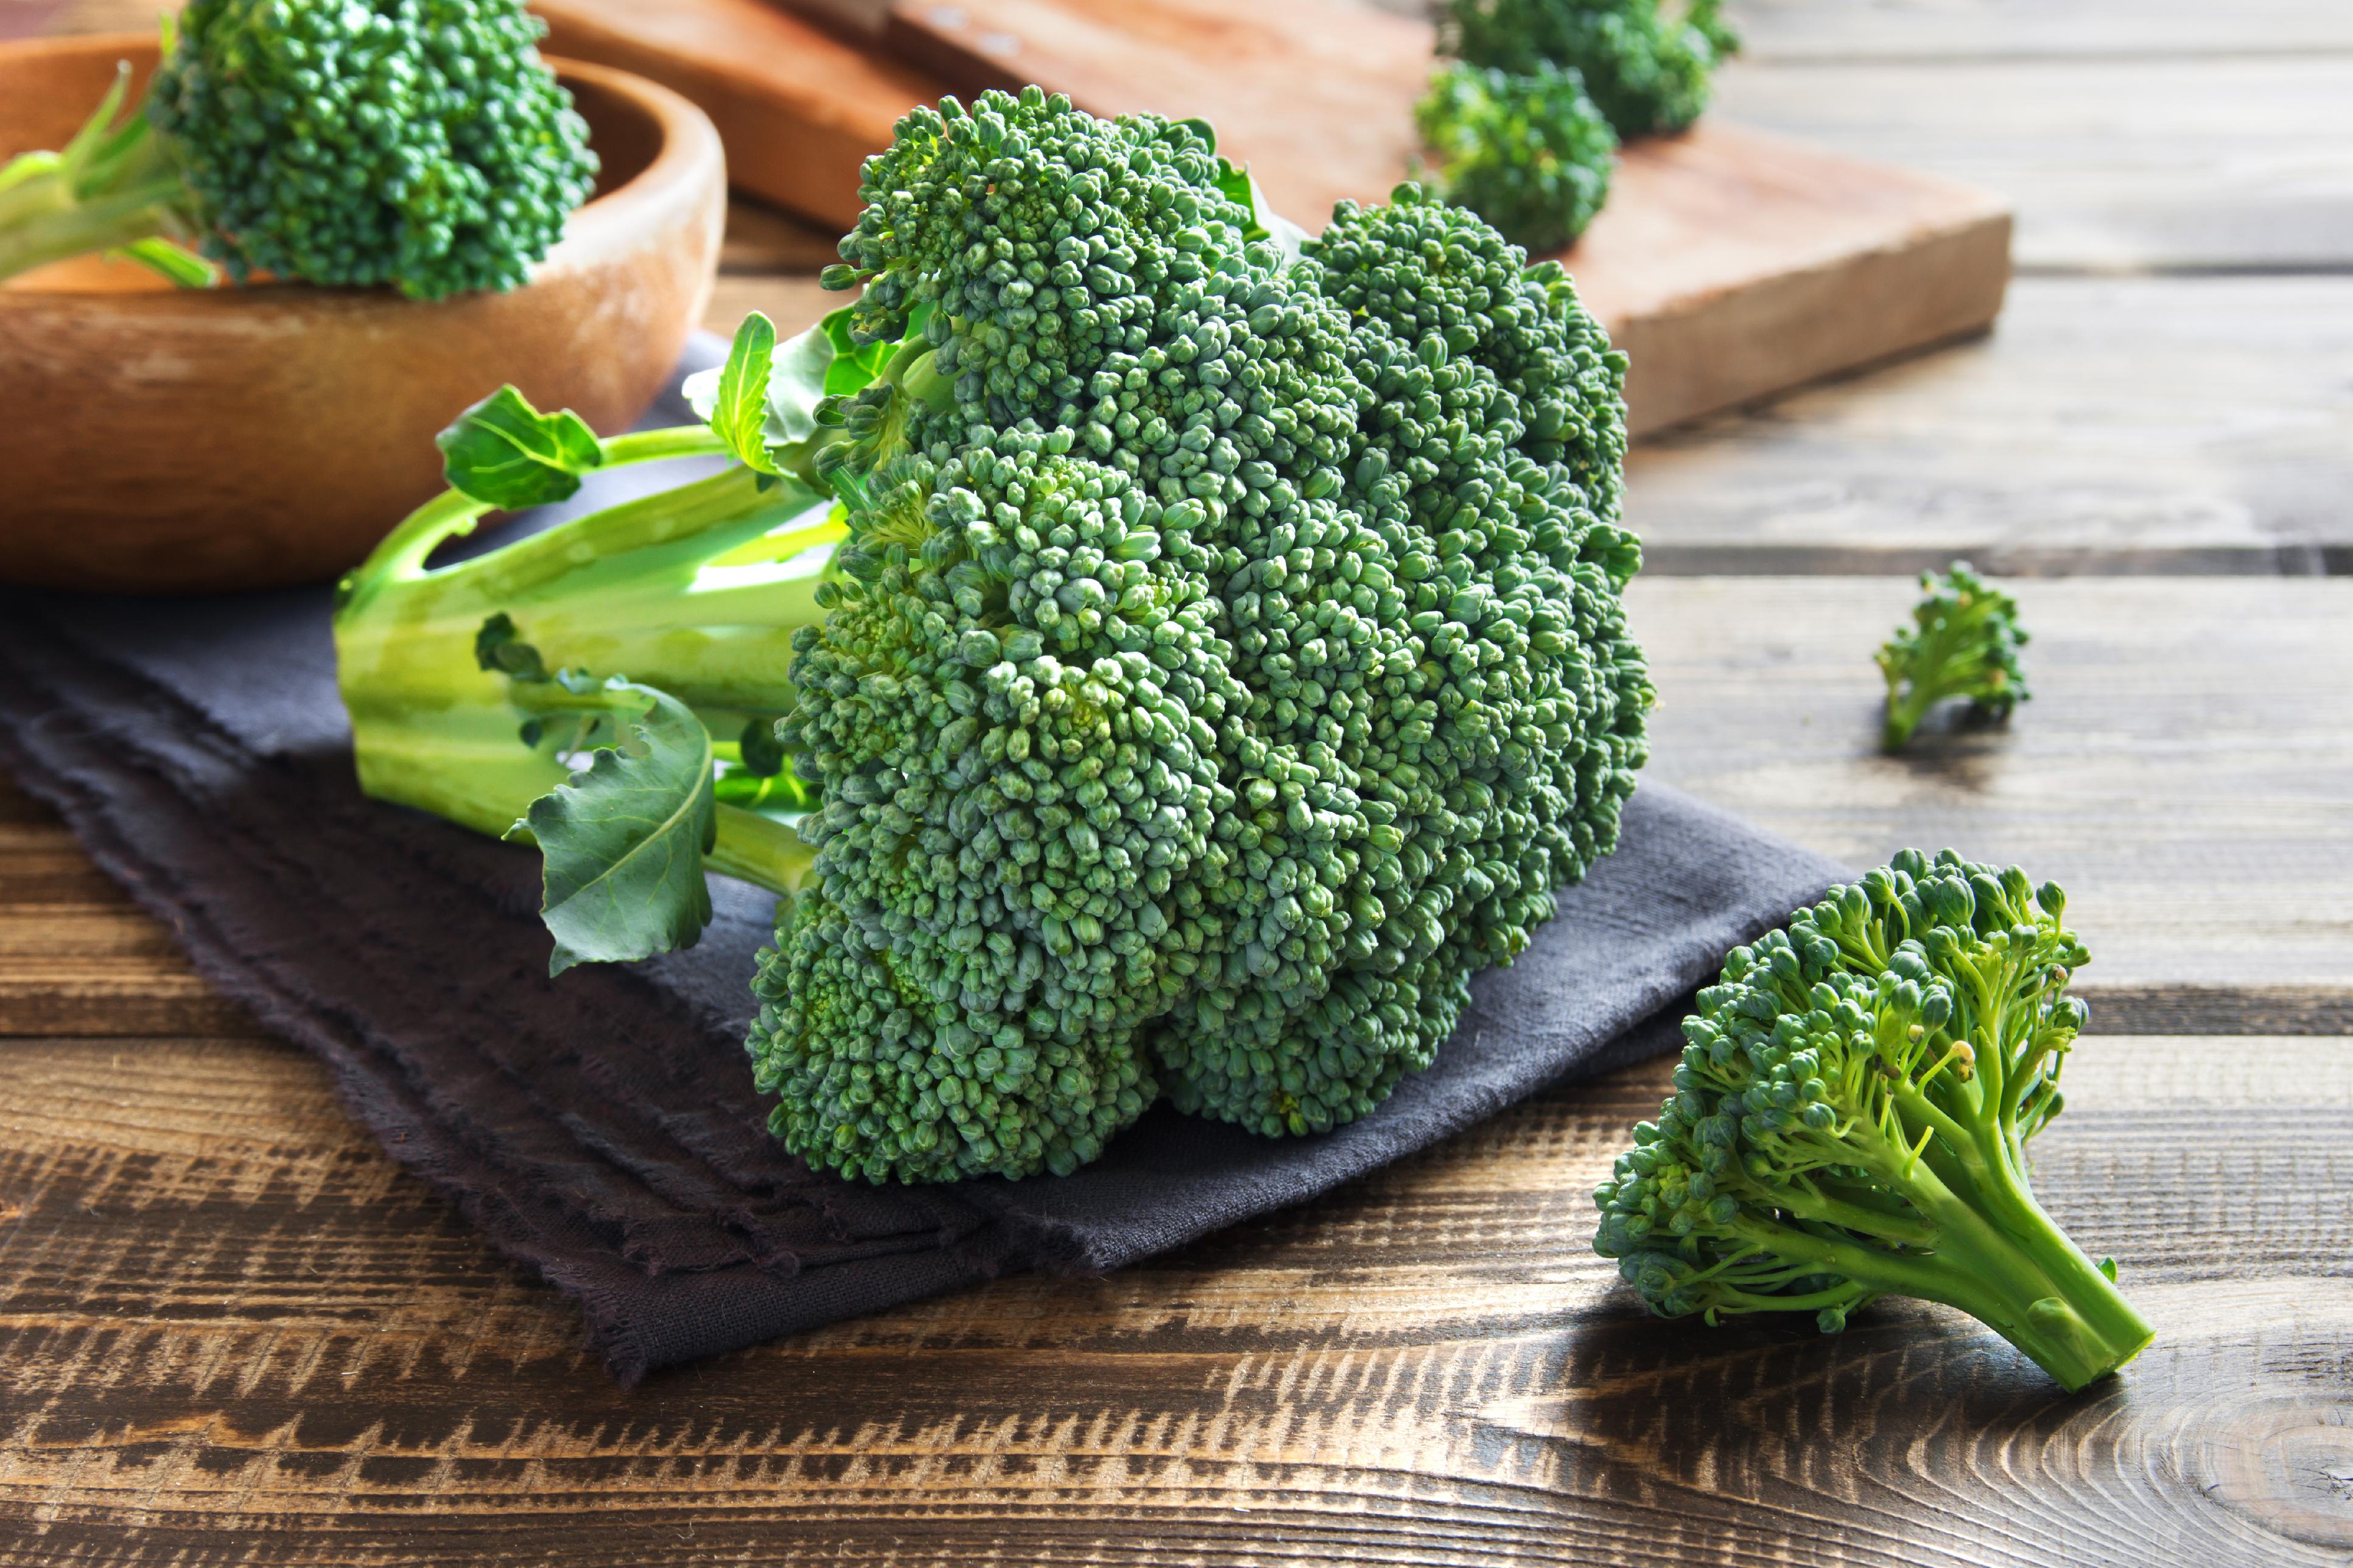 За да извлечем максимума от броколите, еважнода знаем как да ги запазим свеи и в най-добро състояние дни, след като сме ги купили.